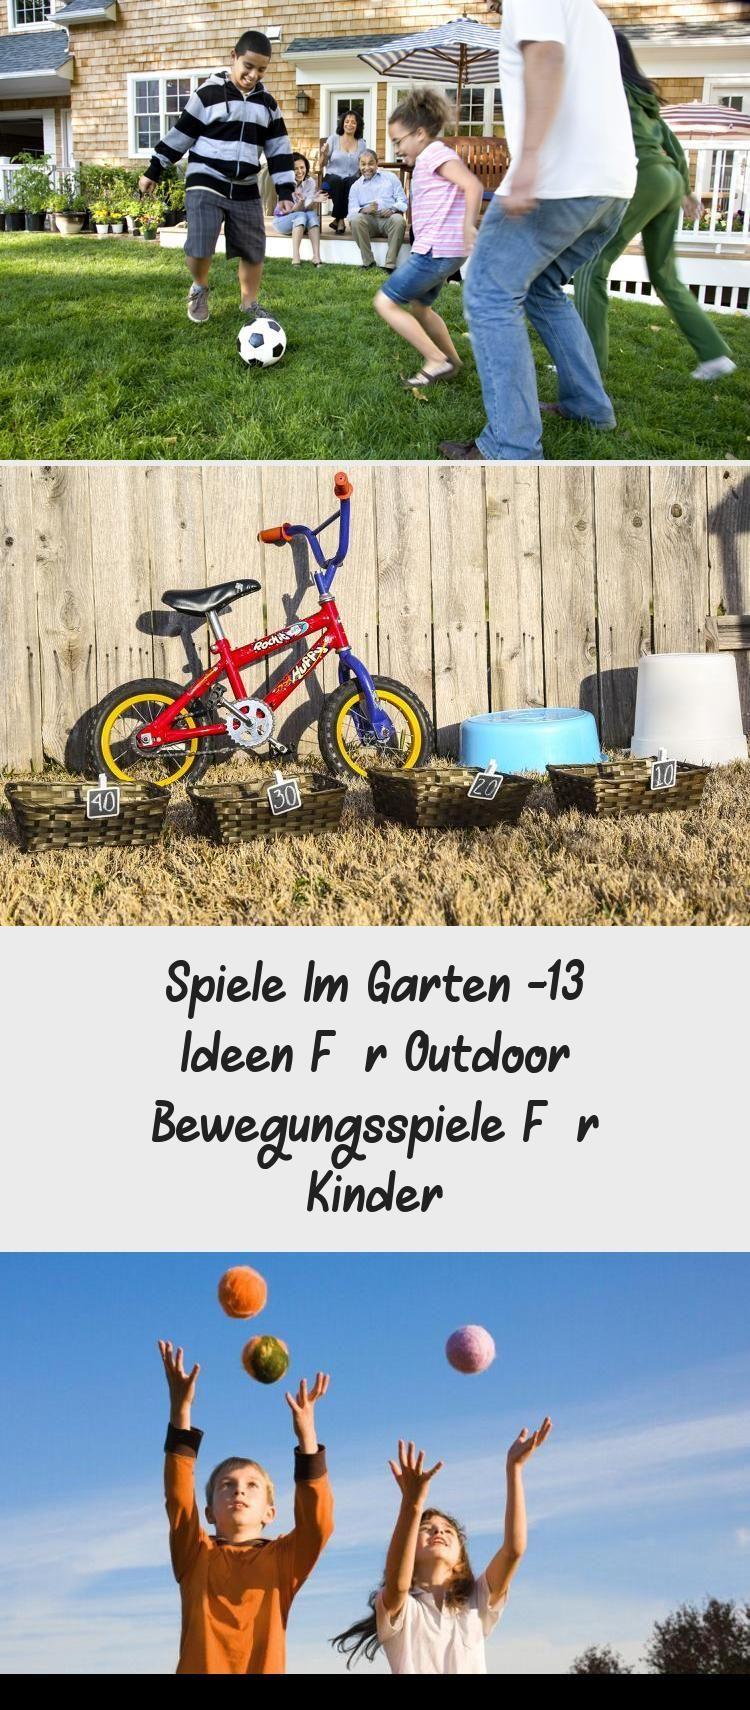 Spiele Im Garten 13 Ideen Für Outdoor Übungsspiele Für Kinder Sandbox Für Garten Ideen Kinder OutdoorÜbung In 2020 Spiele Im Garten Outdoor Bewegungsspiele